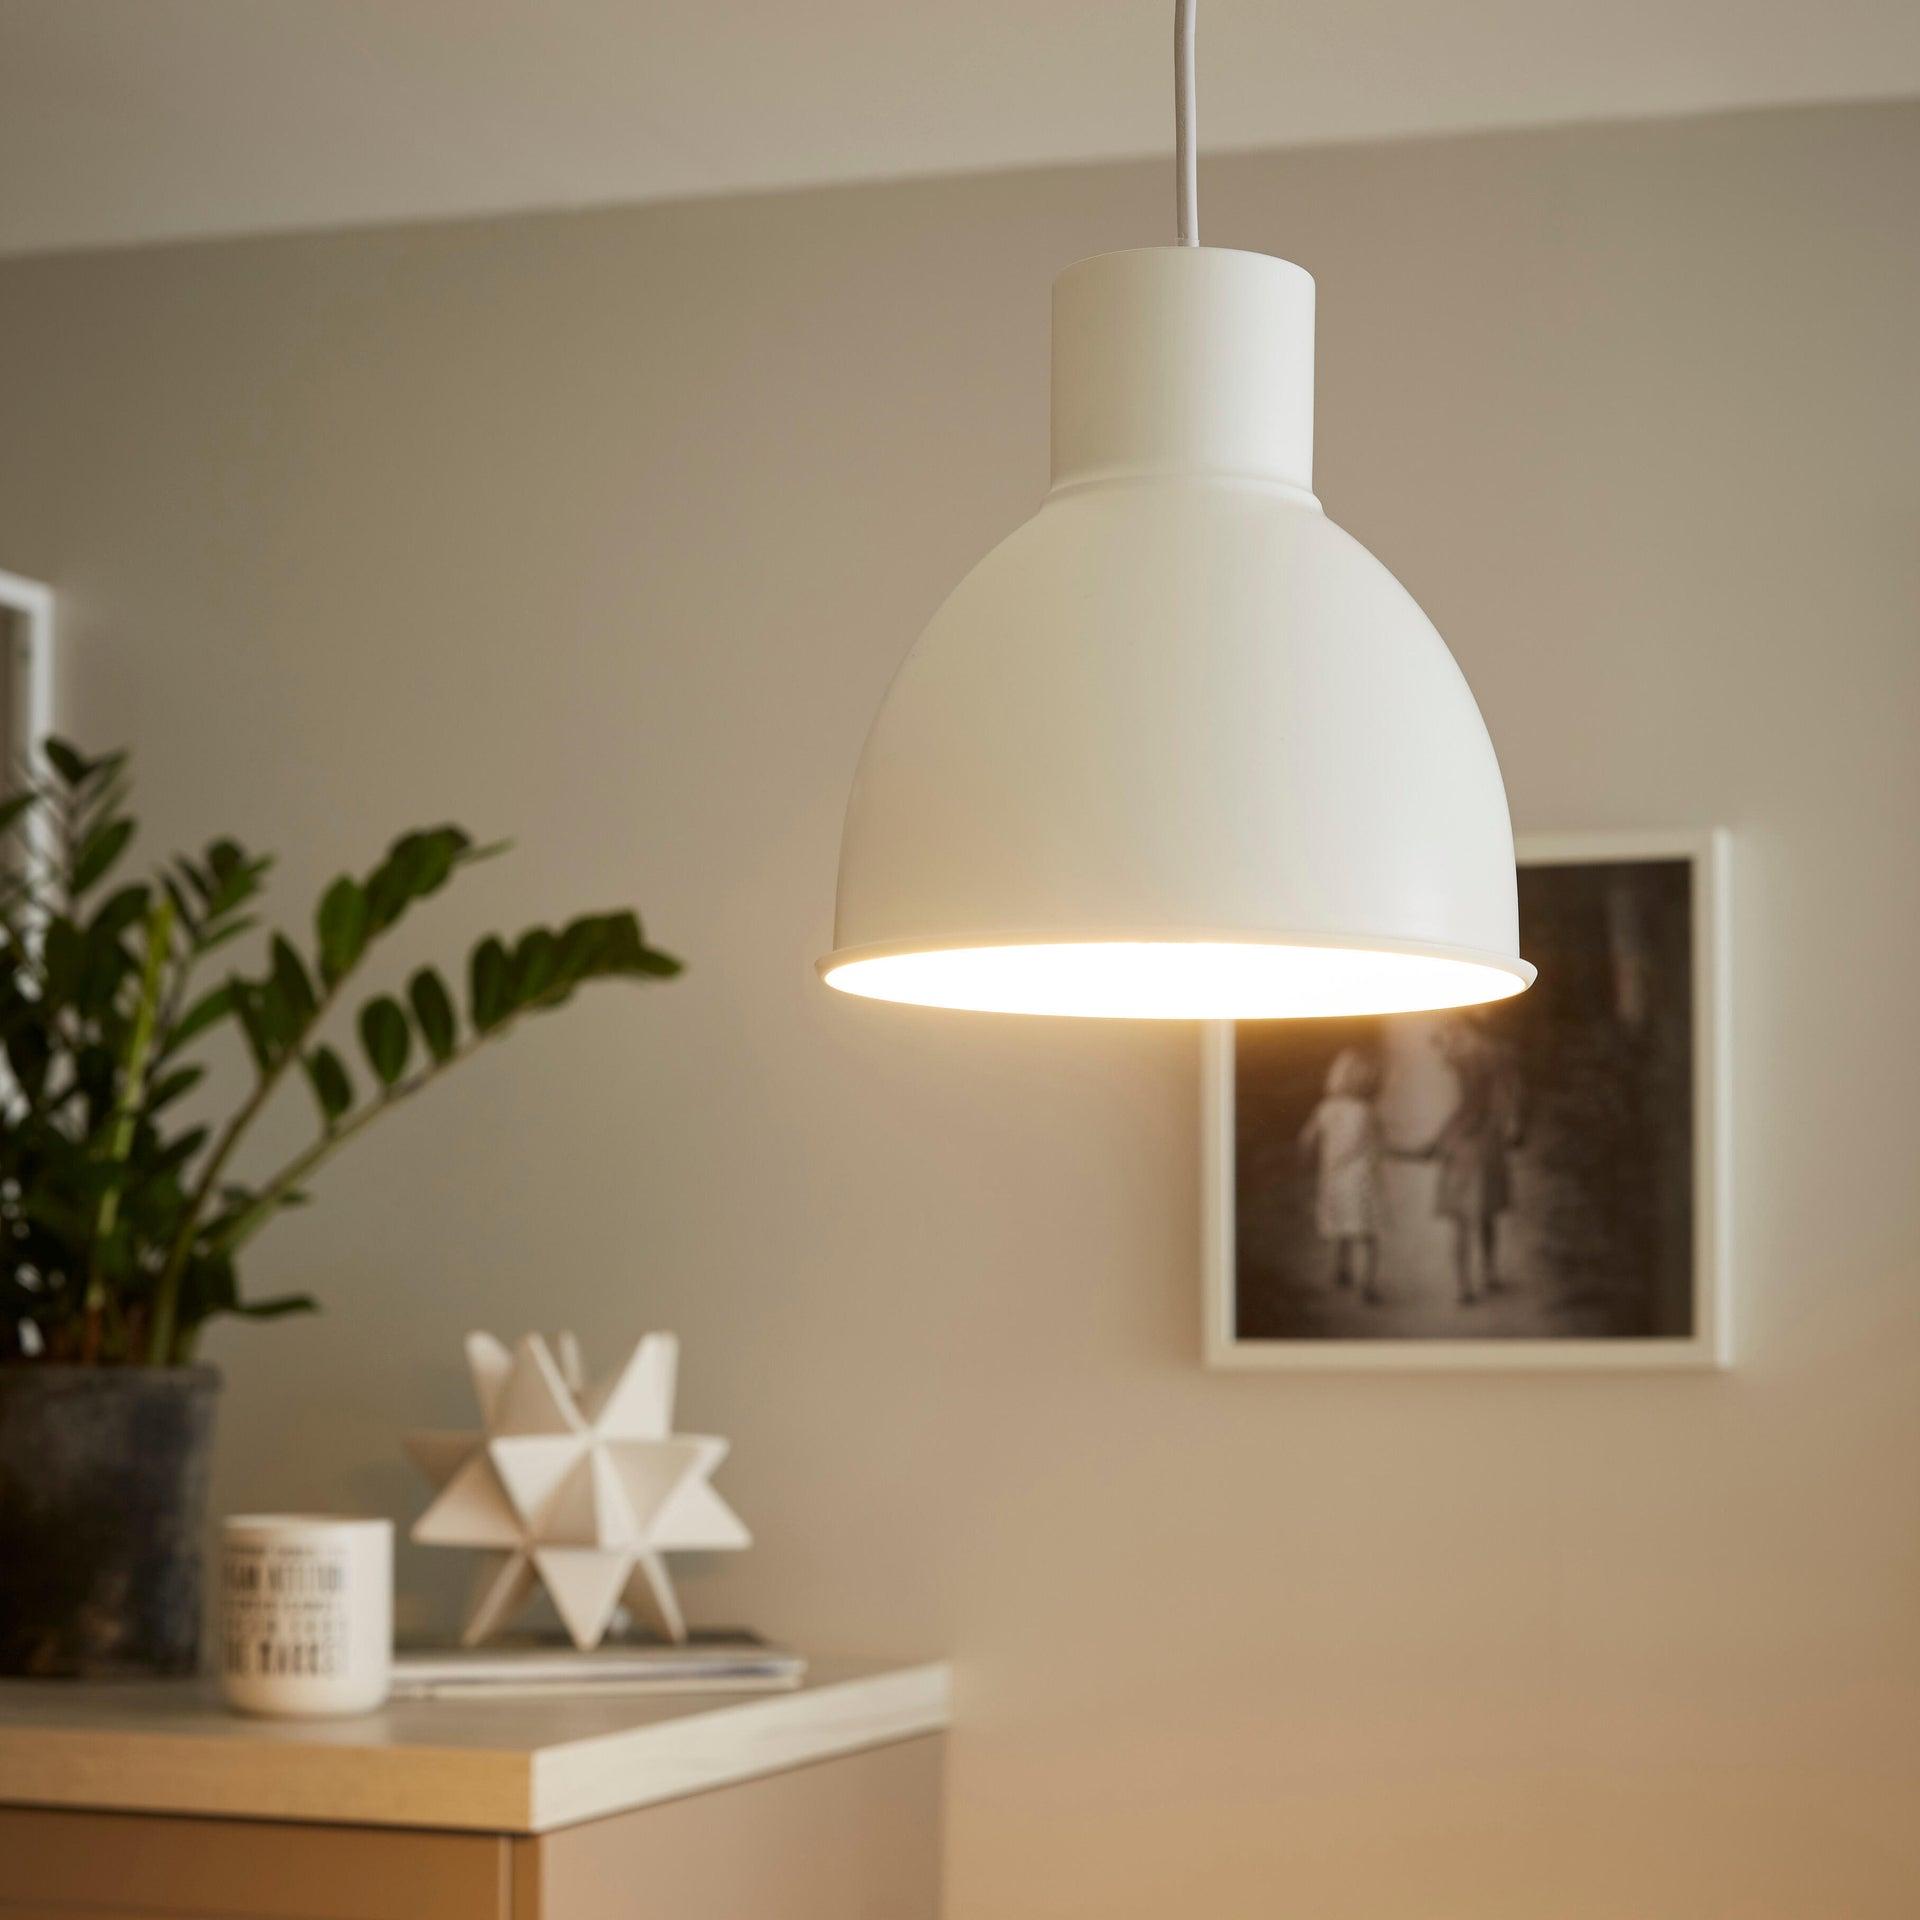 Lampadario Scandinavo Melga bianco in metallo, D. 20 cm, INSPIRE - 5